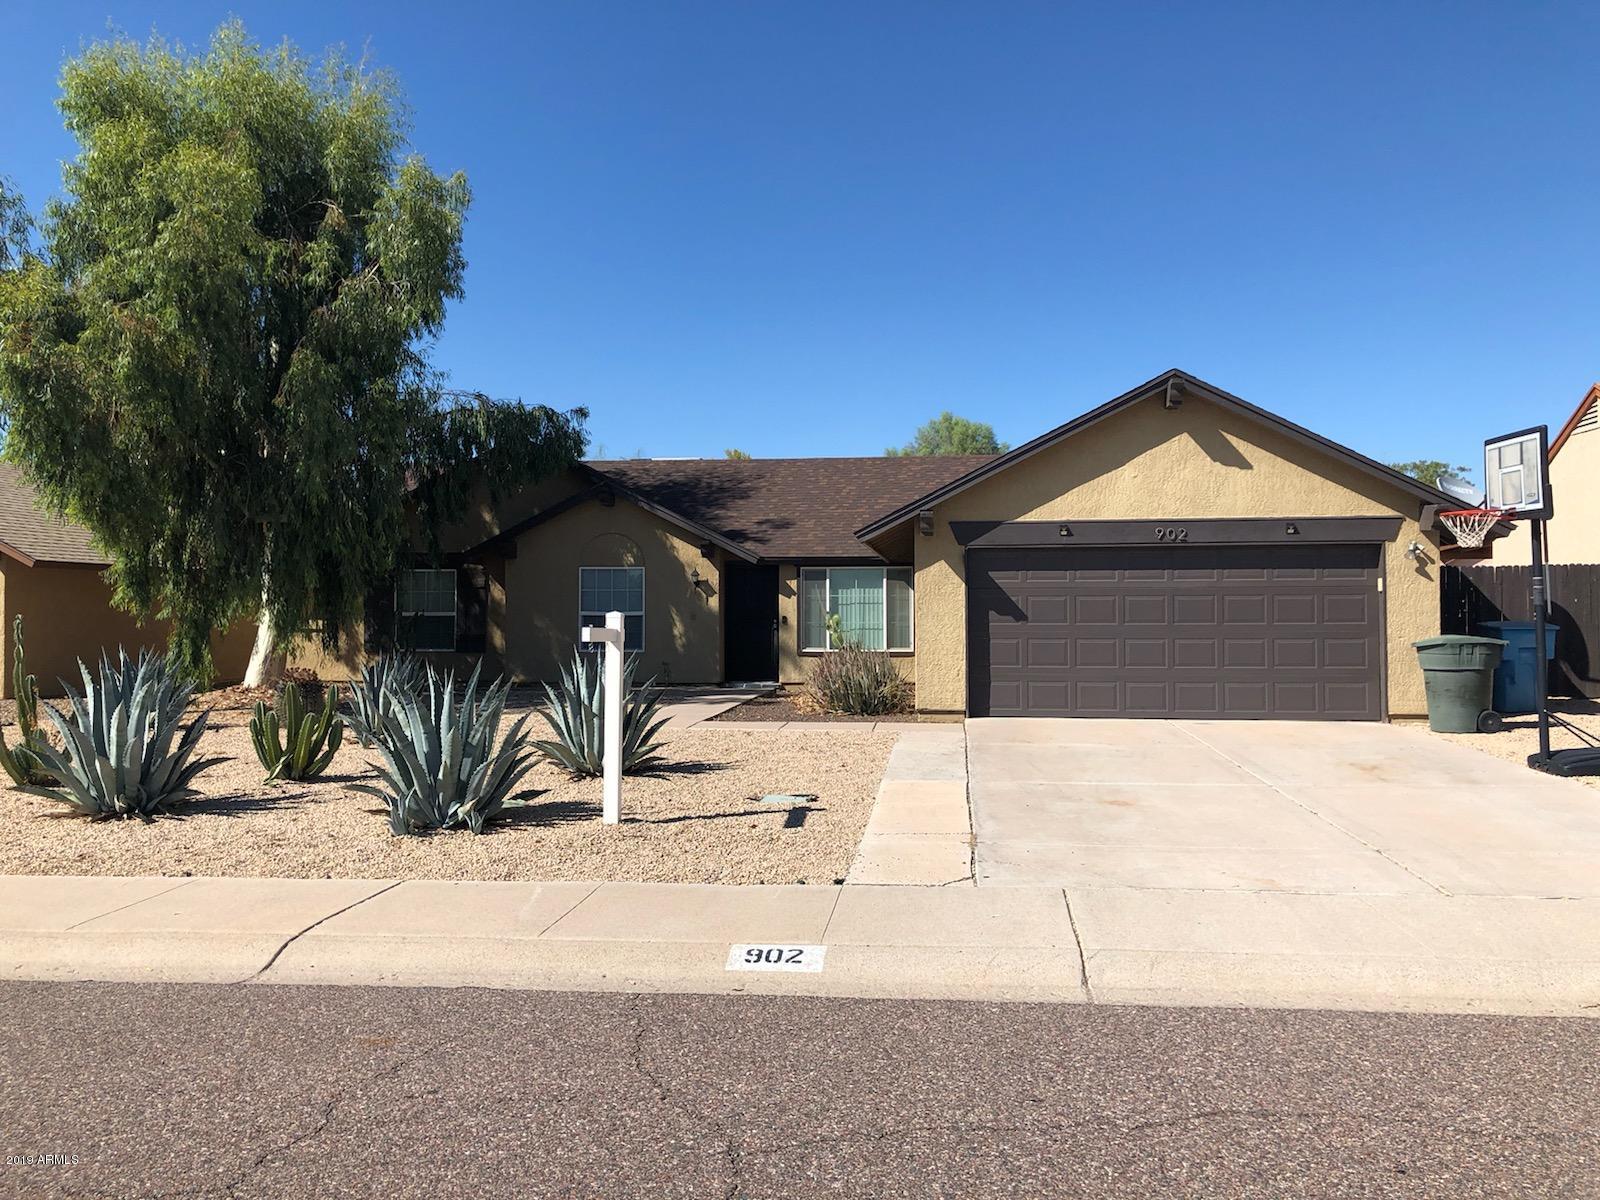 902 W MOHAWK Lane, Phoenix, AZ 85027